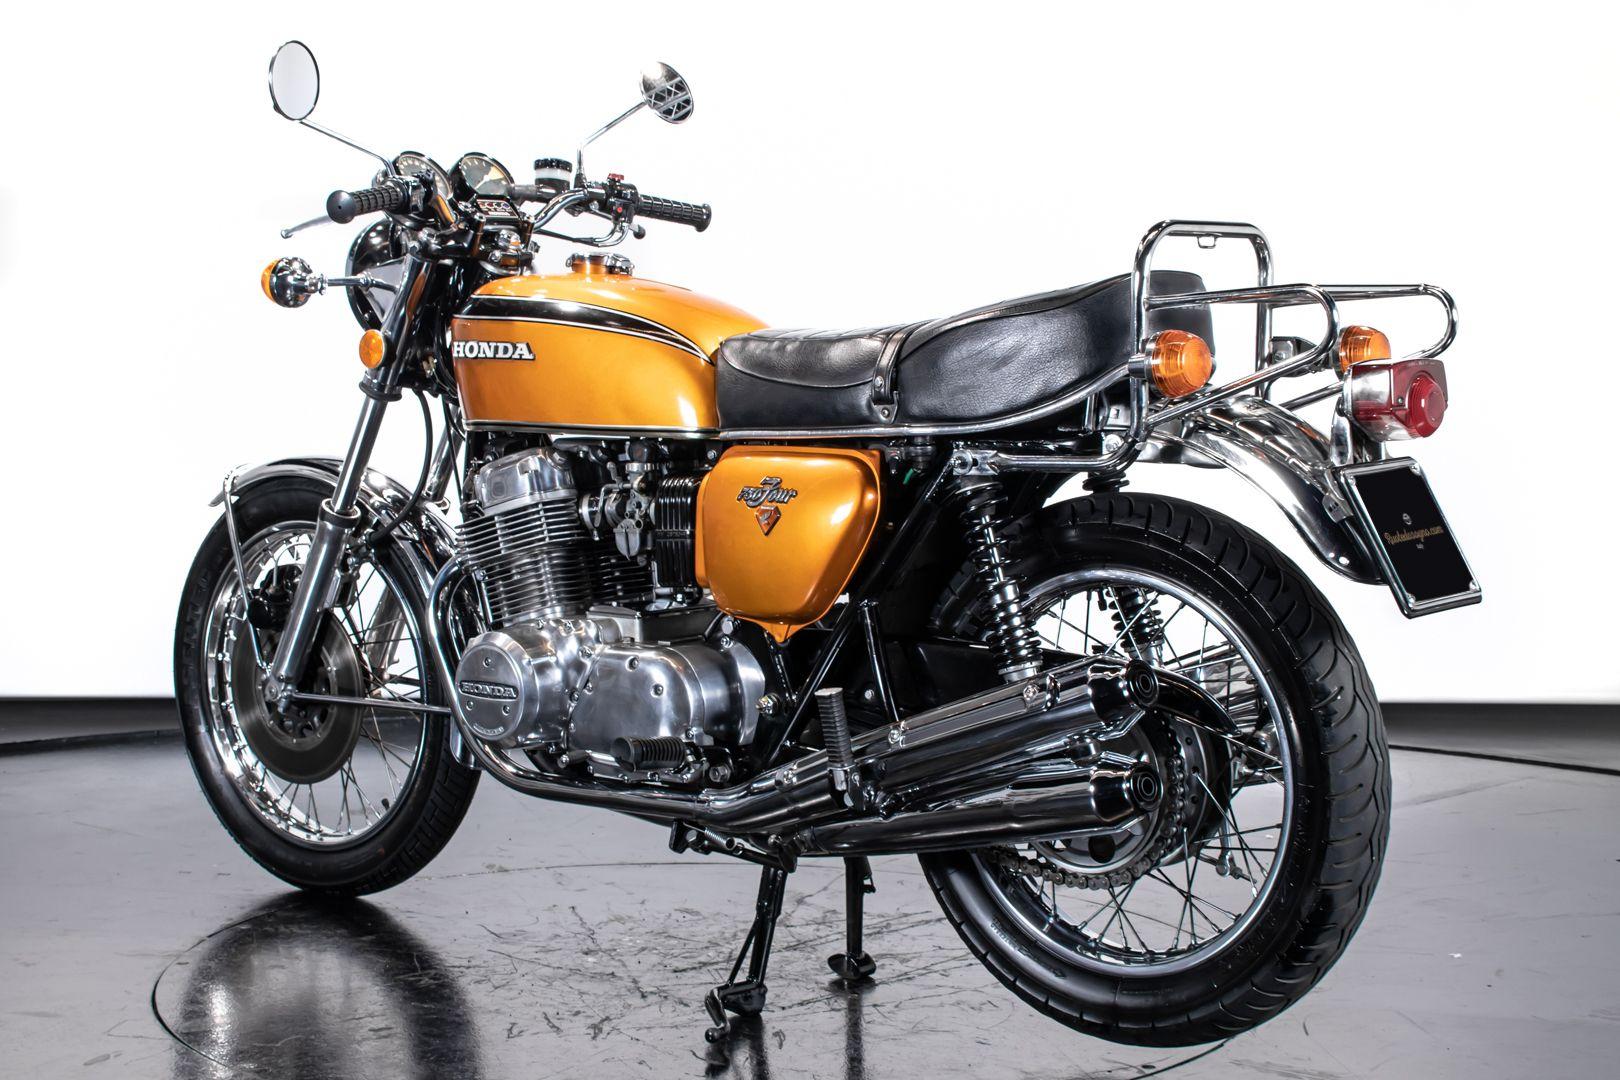 1973 Honda CB 750 Four 74167